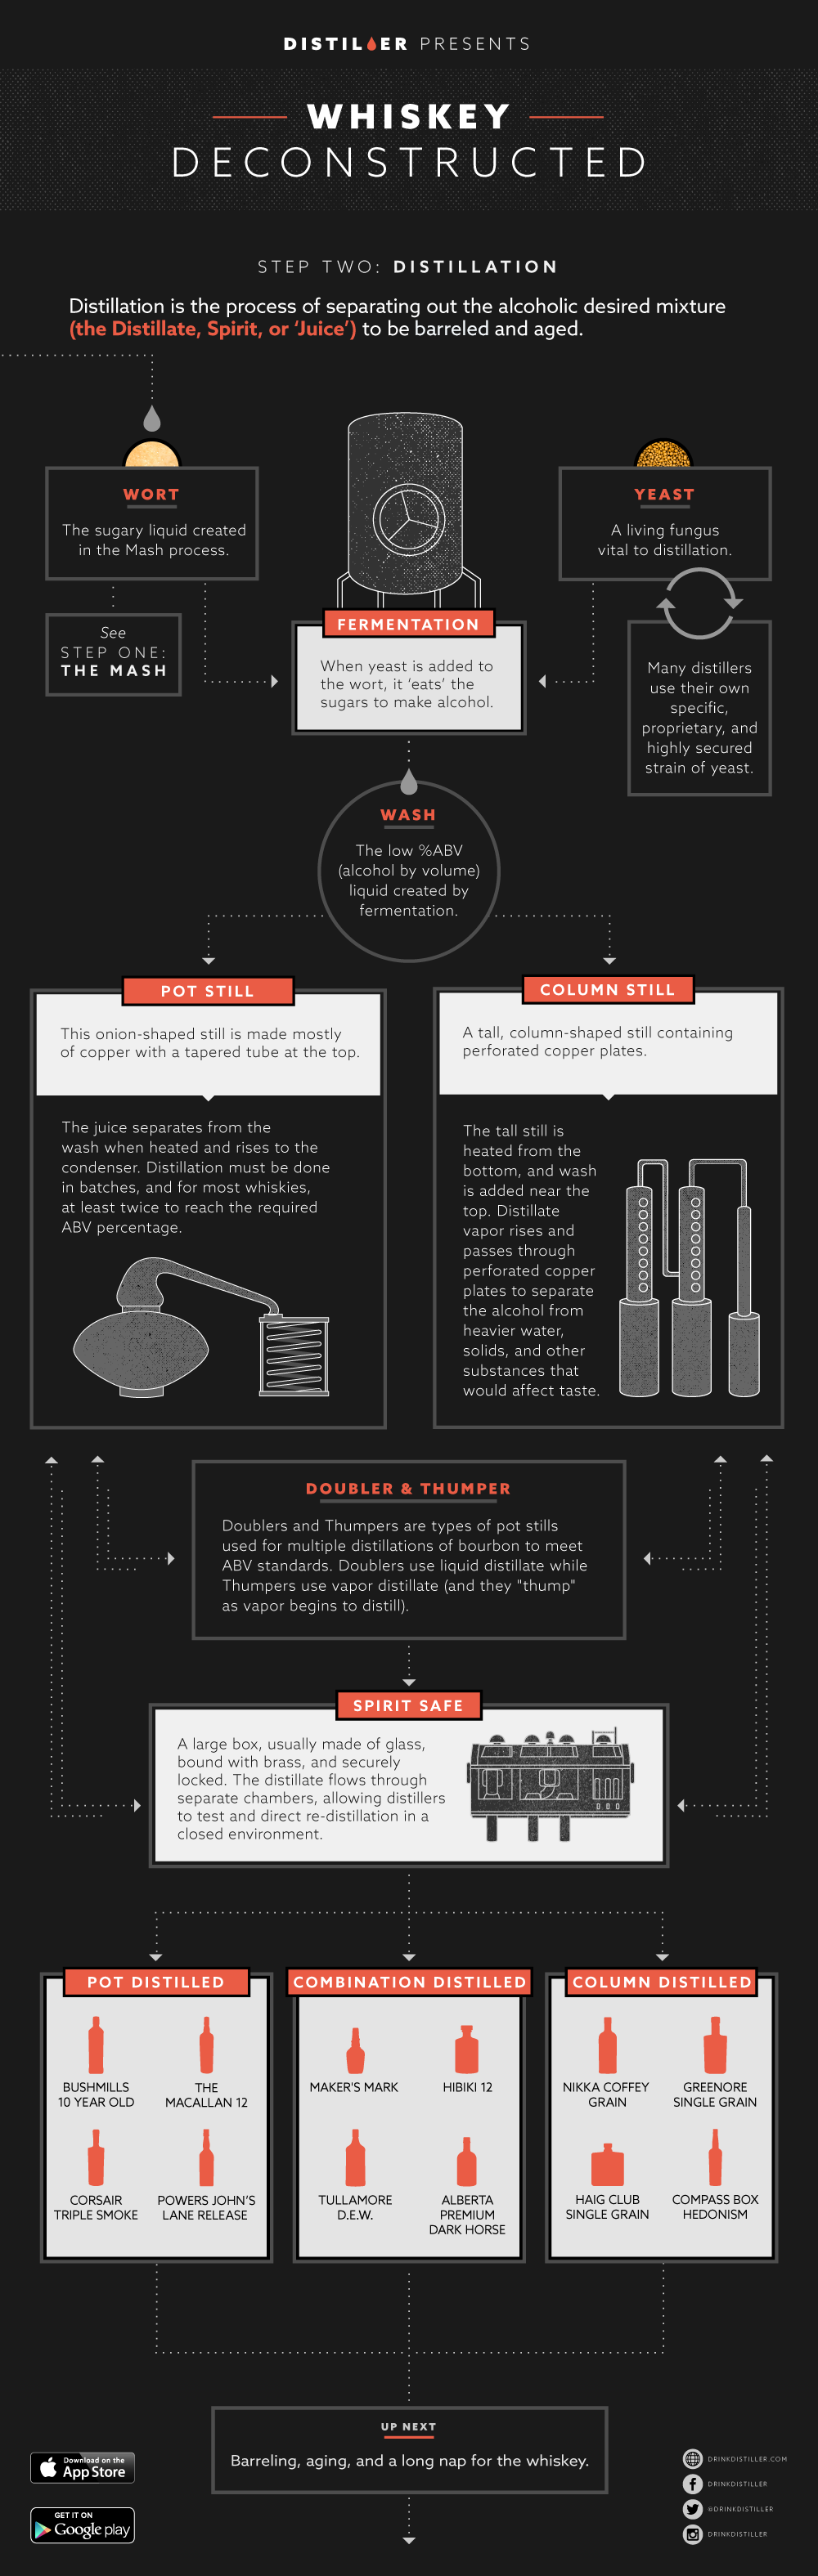 distillation_infographic